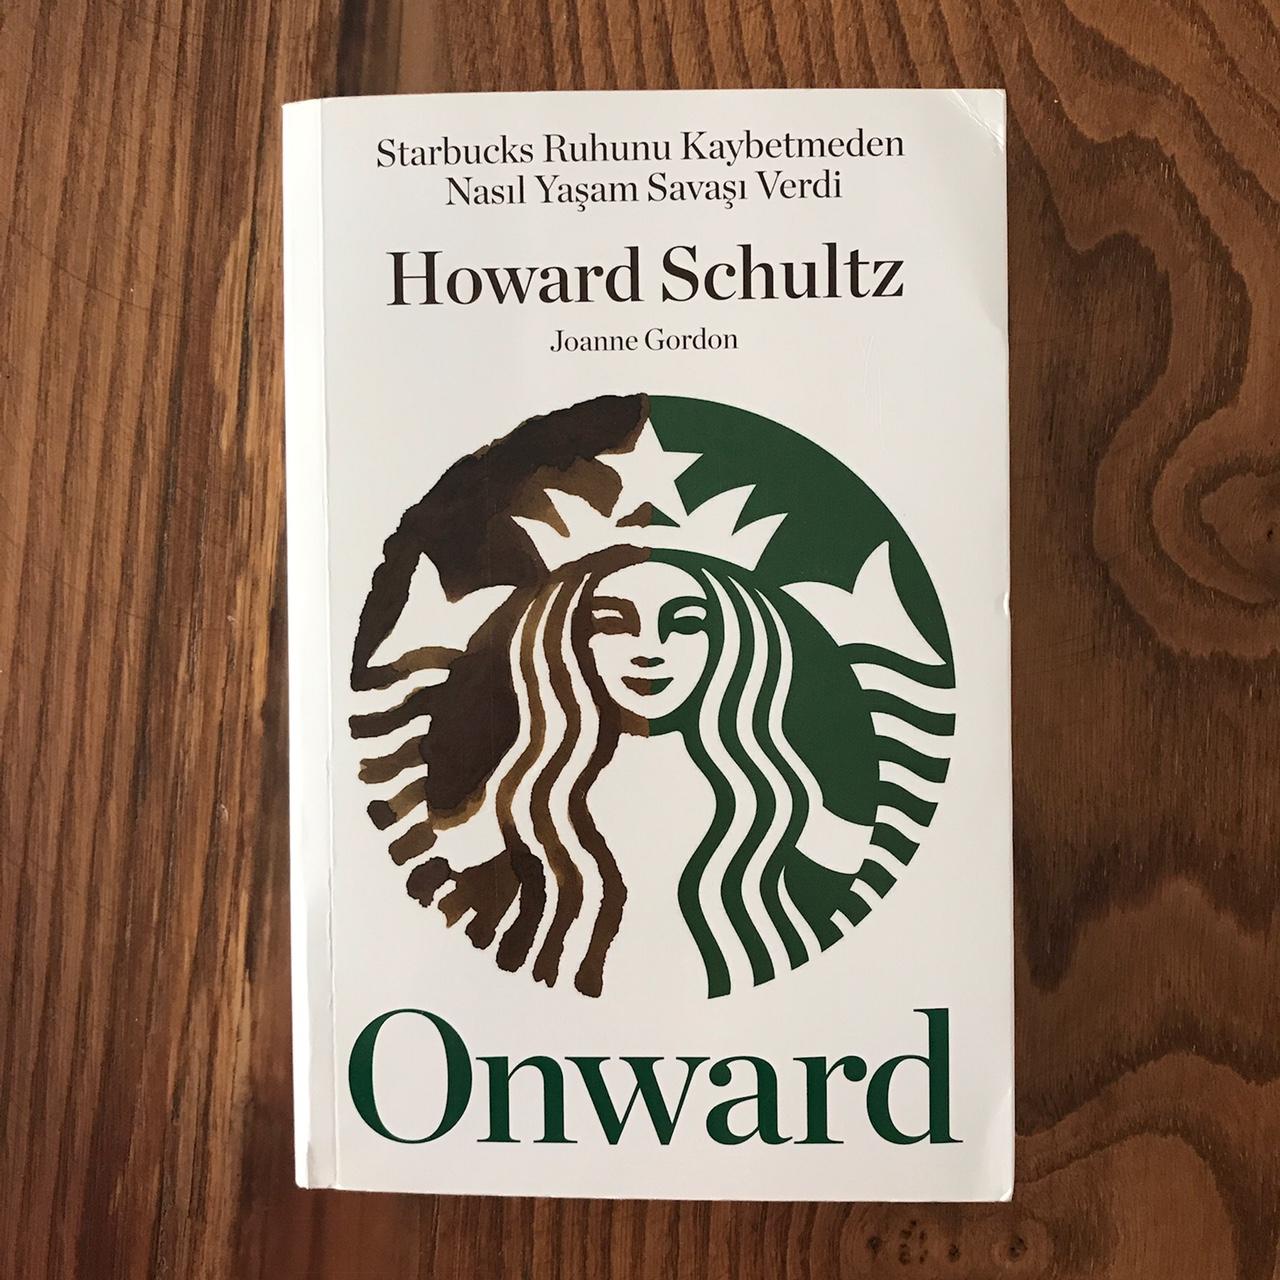 Onward - Starbucks Ruhunu Kaybetmeden Nasil Yasam Savasi Verdi?